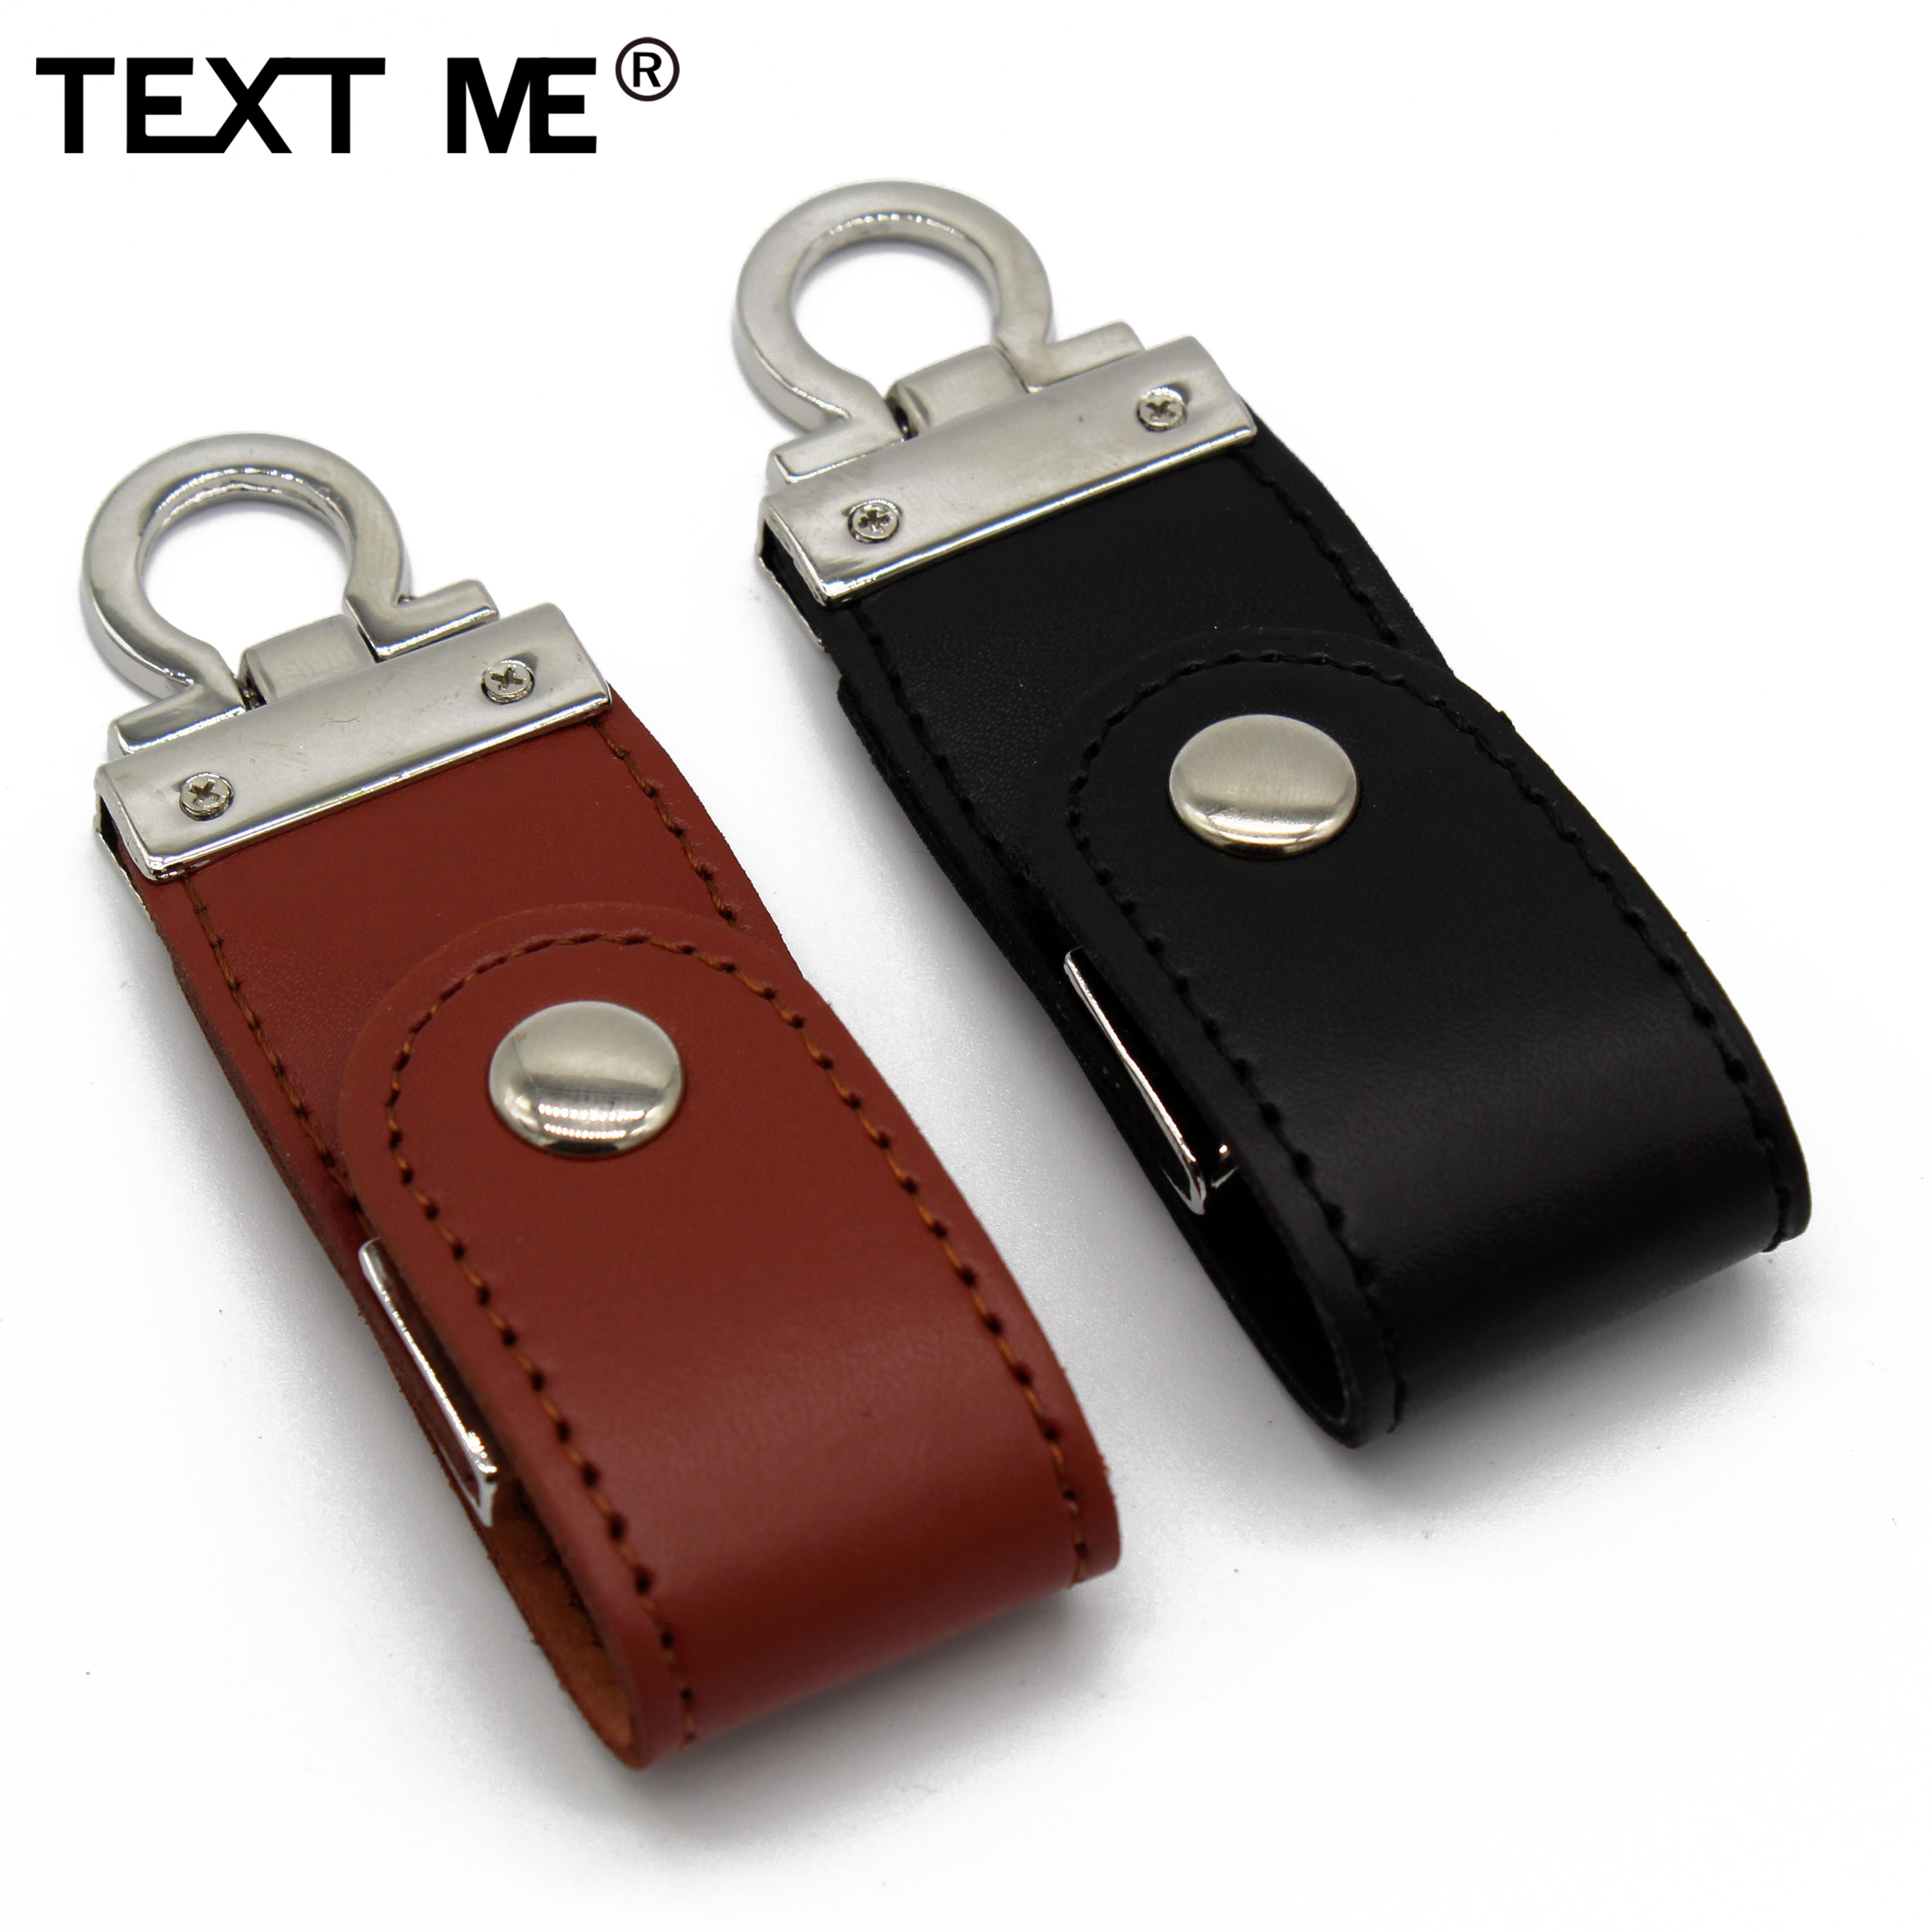 TEXT ME Pendrive Brown Black  Leather With Key Chain Style Usb Flash Drive Usb 2.0 4GB 8GB 16GB 32GB 64GB  Usb Stick